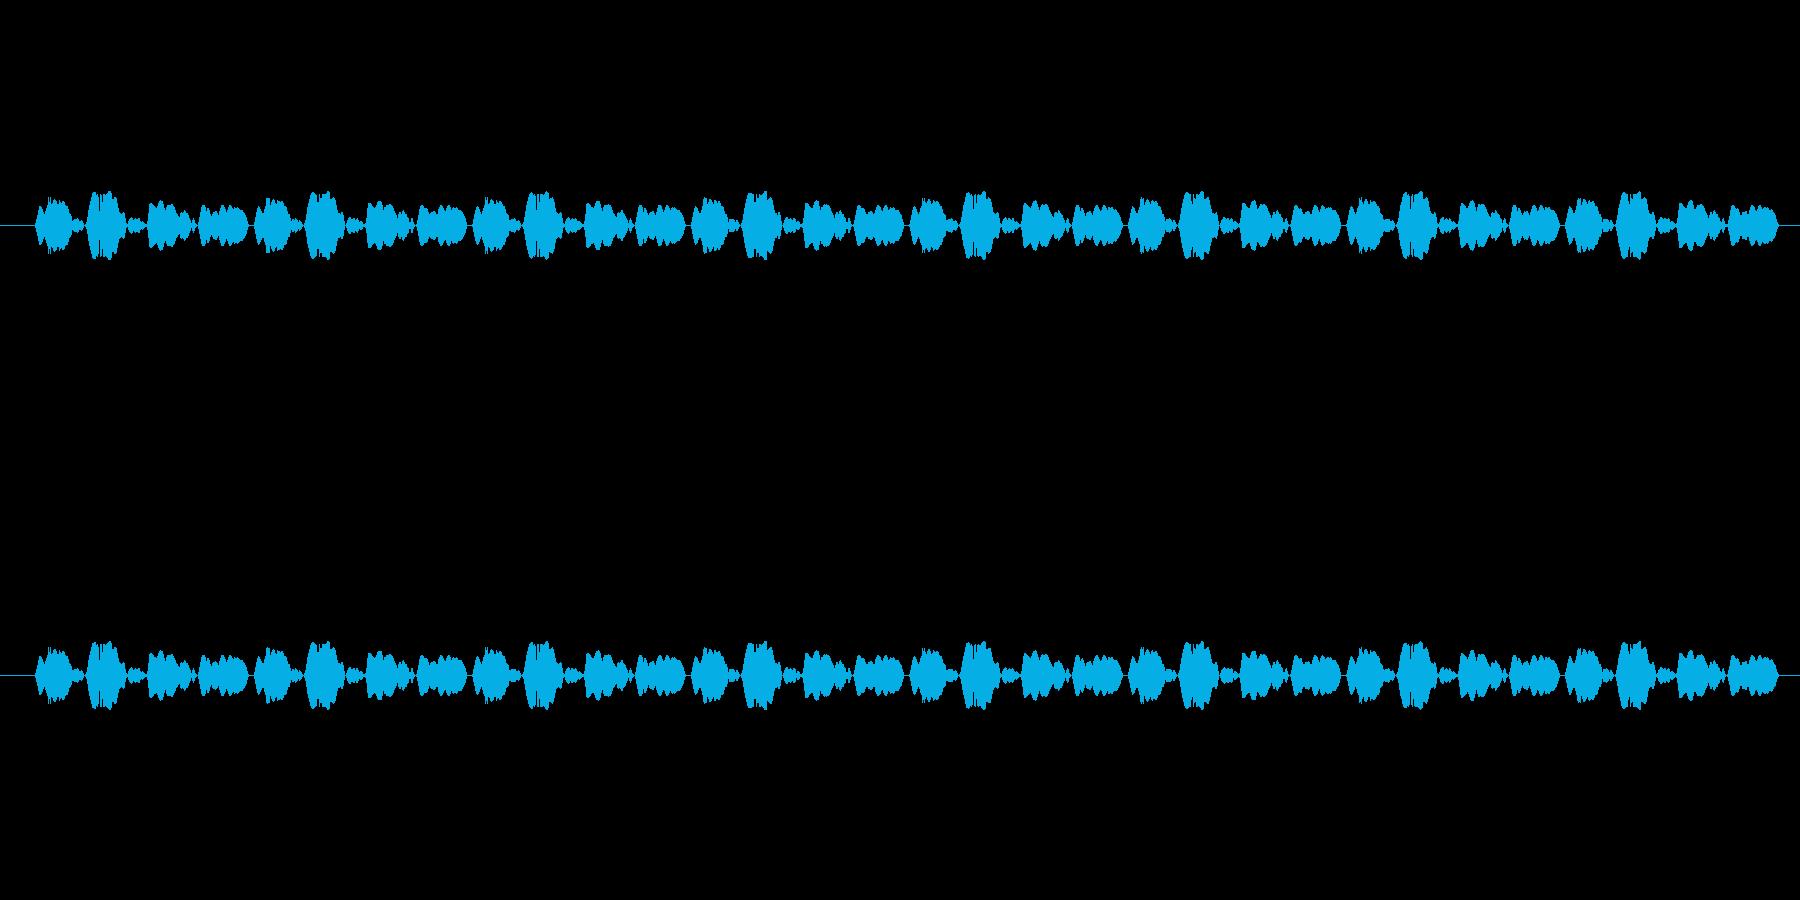 【慌てる05-1】の再生済みの波形